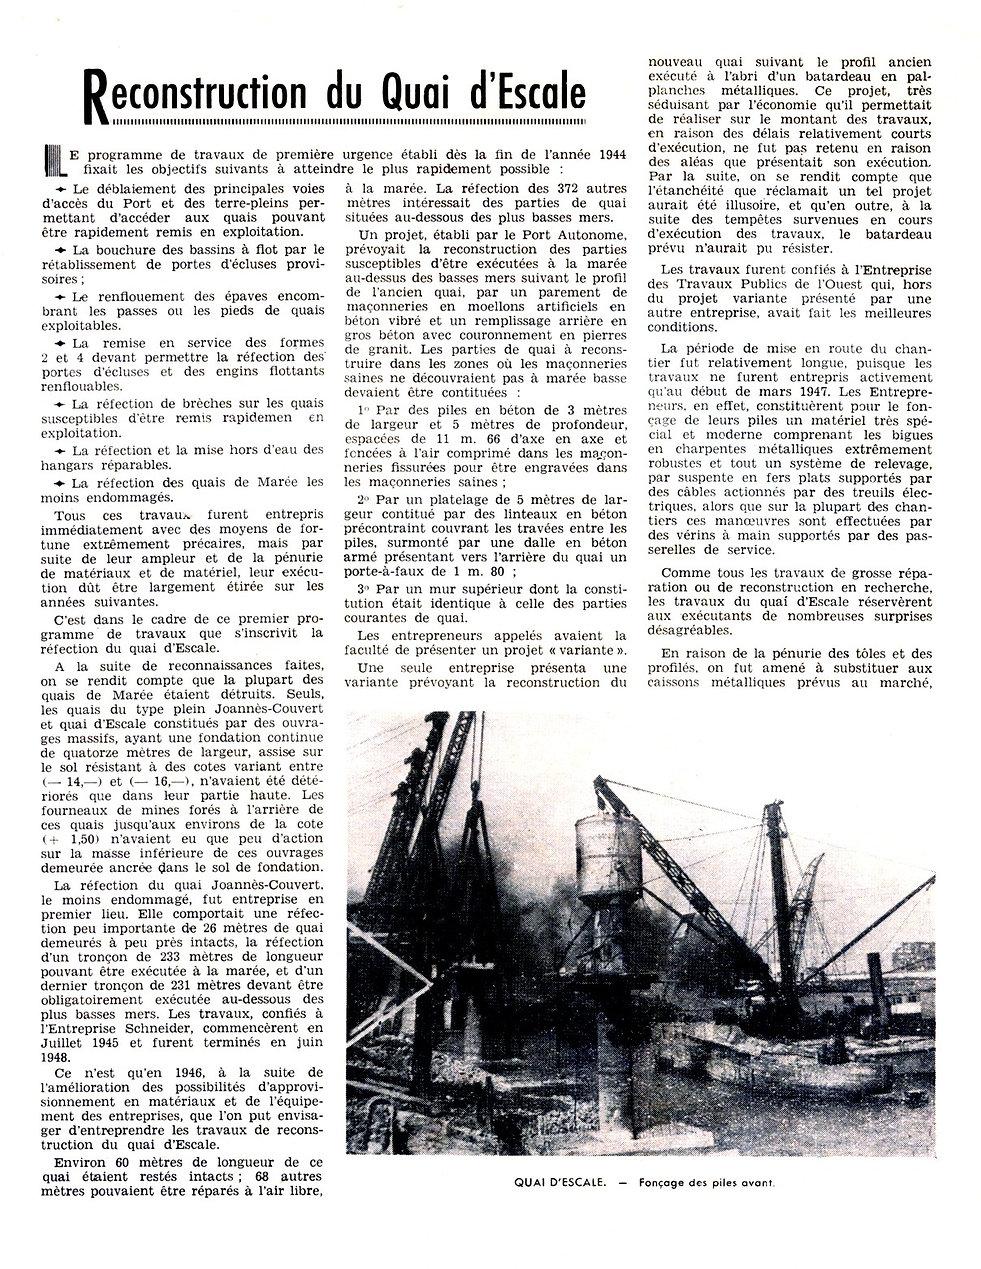 Avril 1949 4.jpg